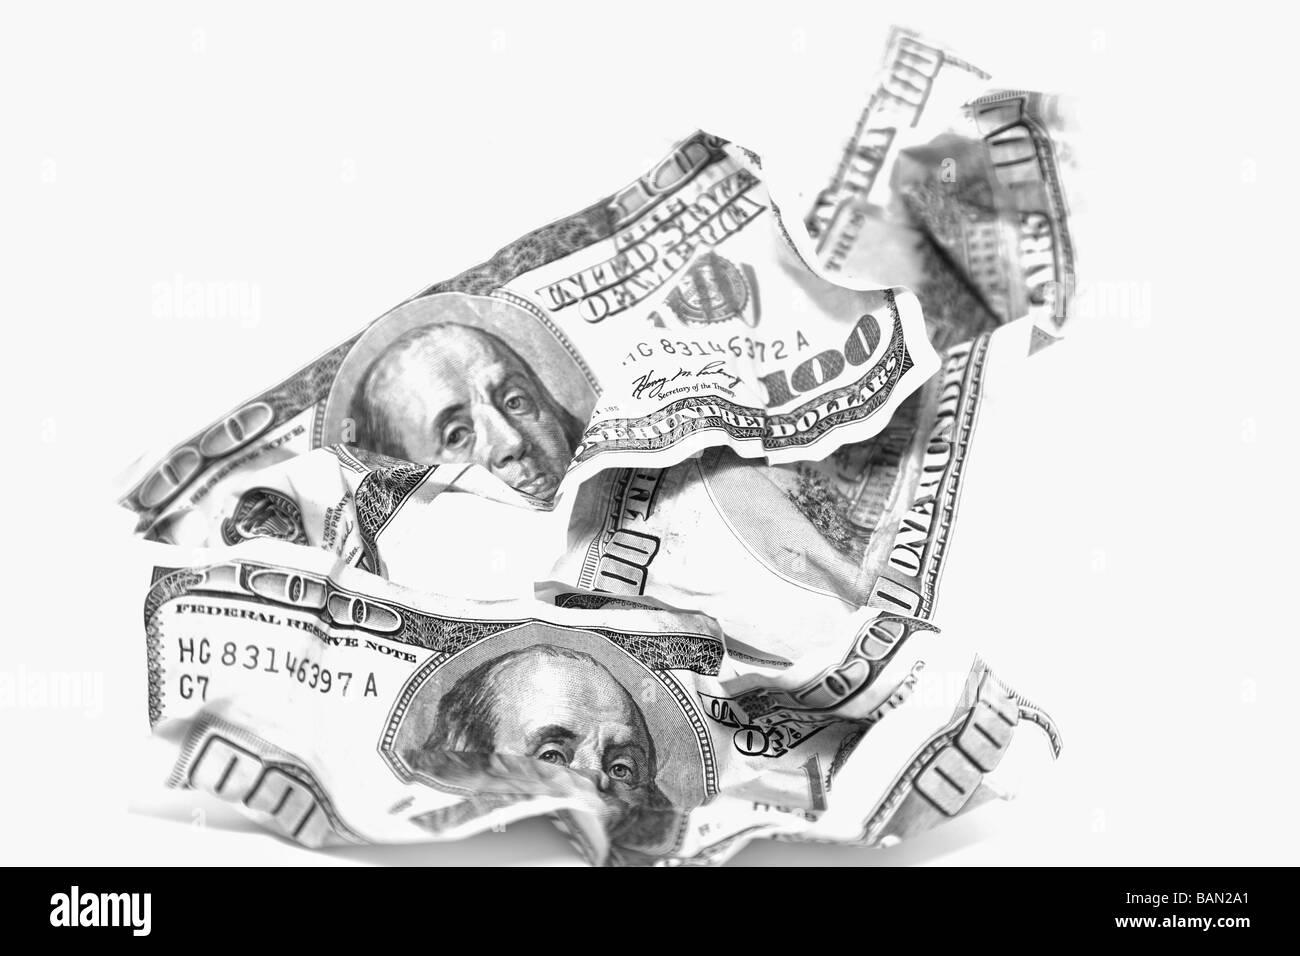 De dollars contre fond blanc Banque D'Images